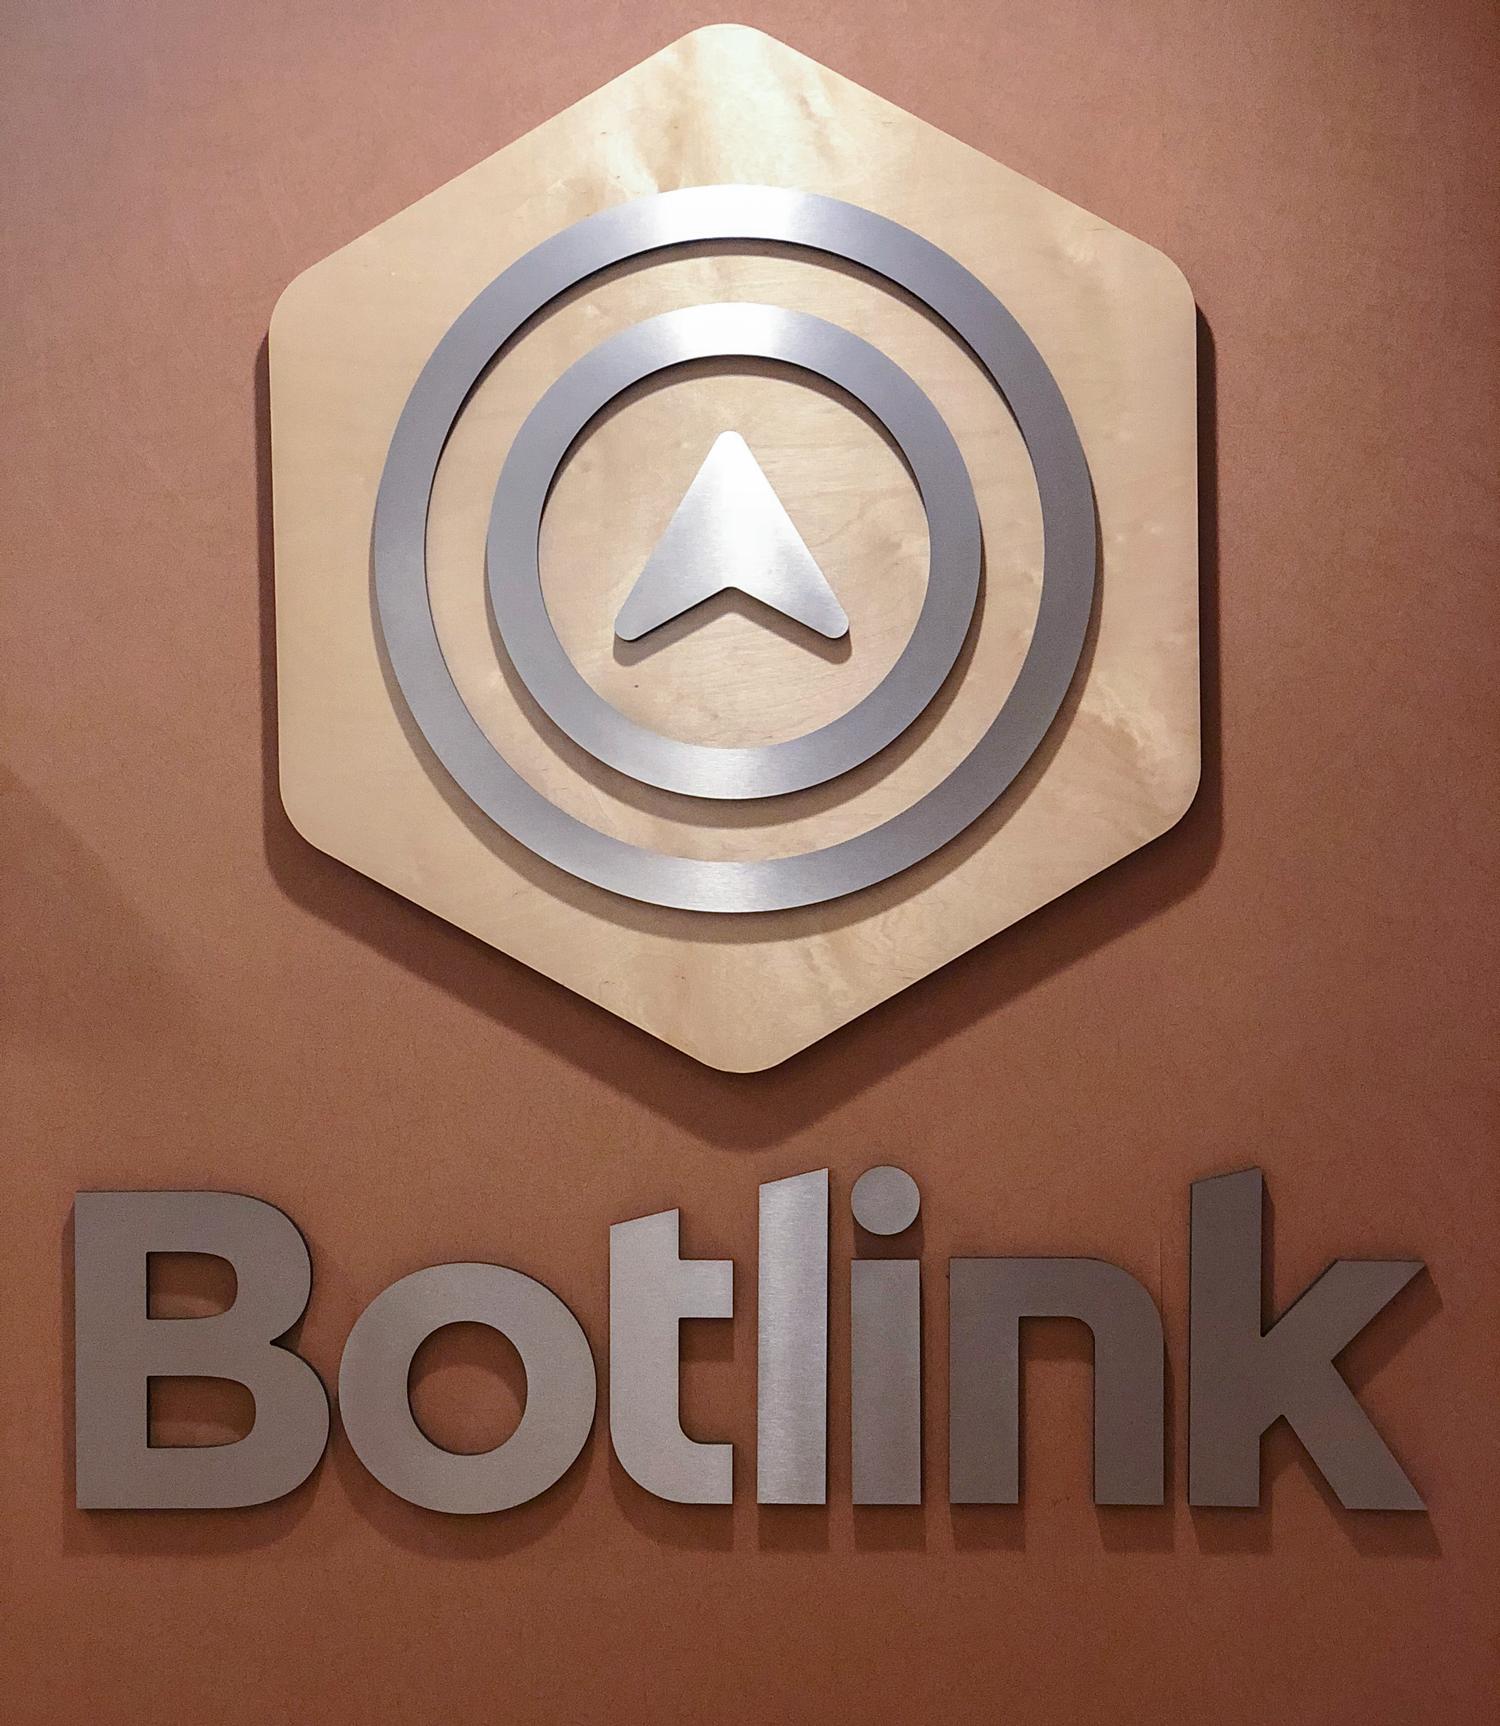 Botlink